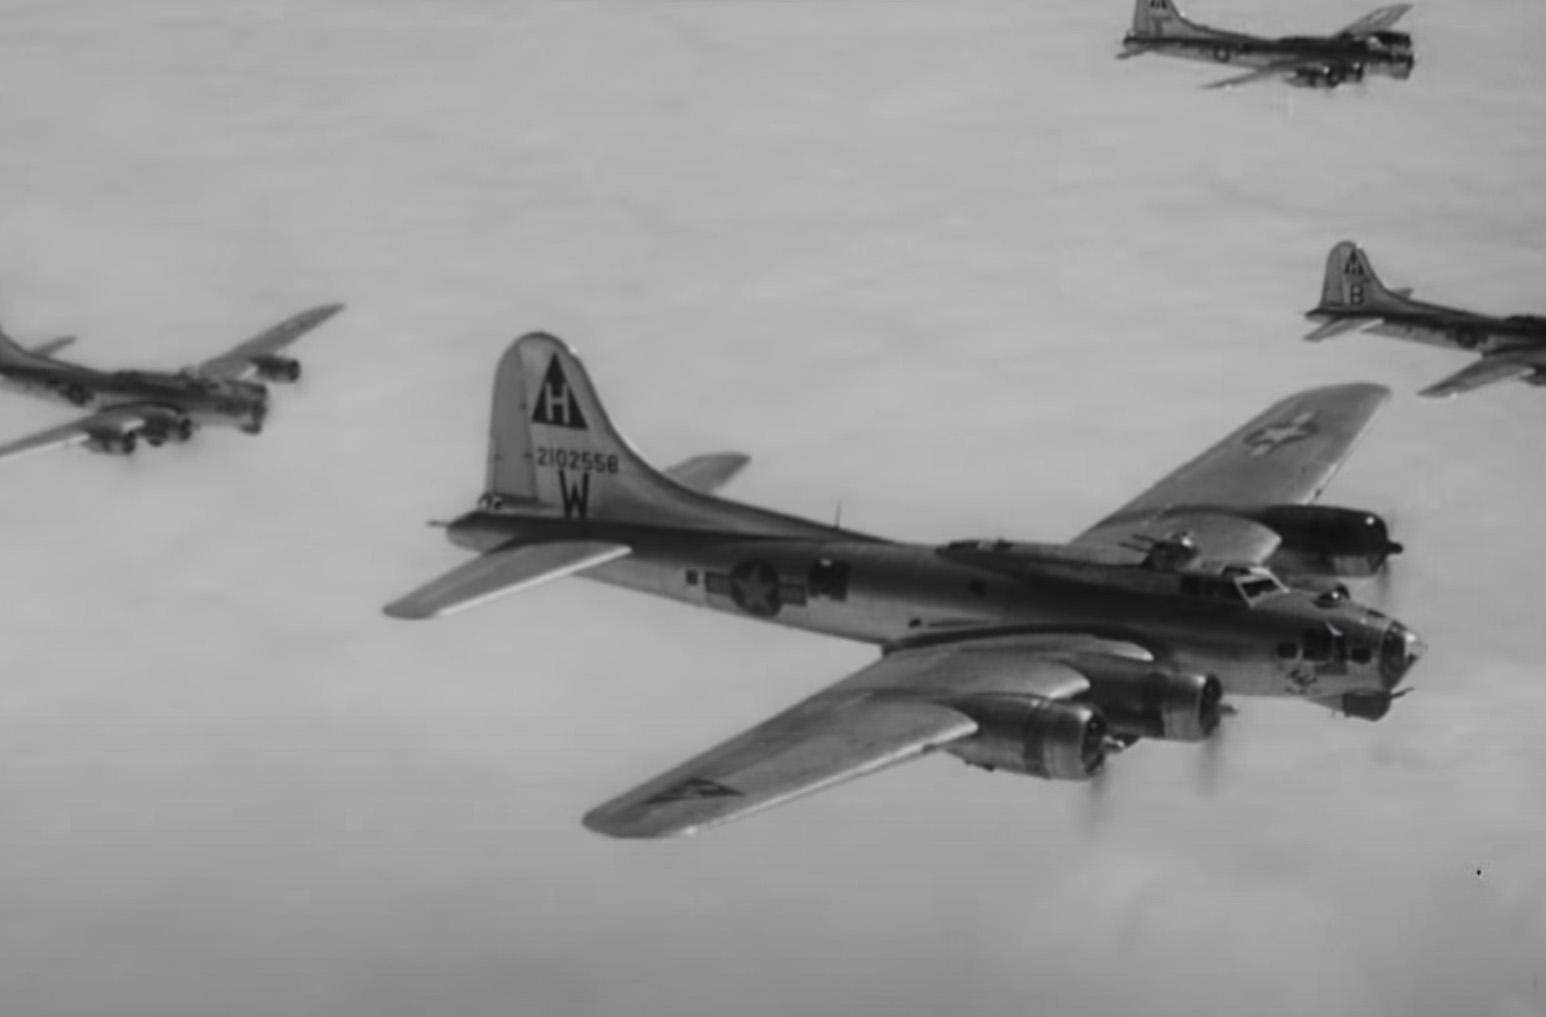 B-17 #42-102558 / Silver Streak